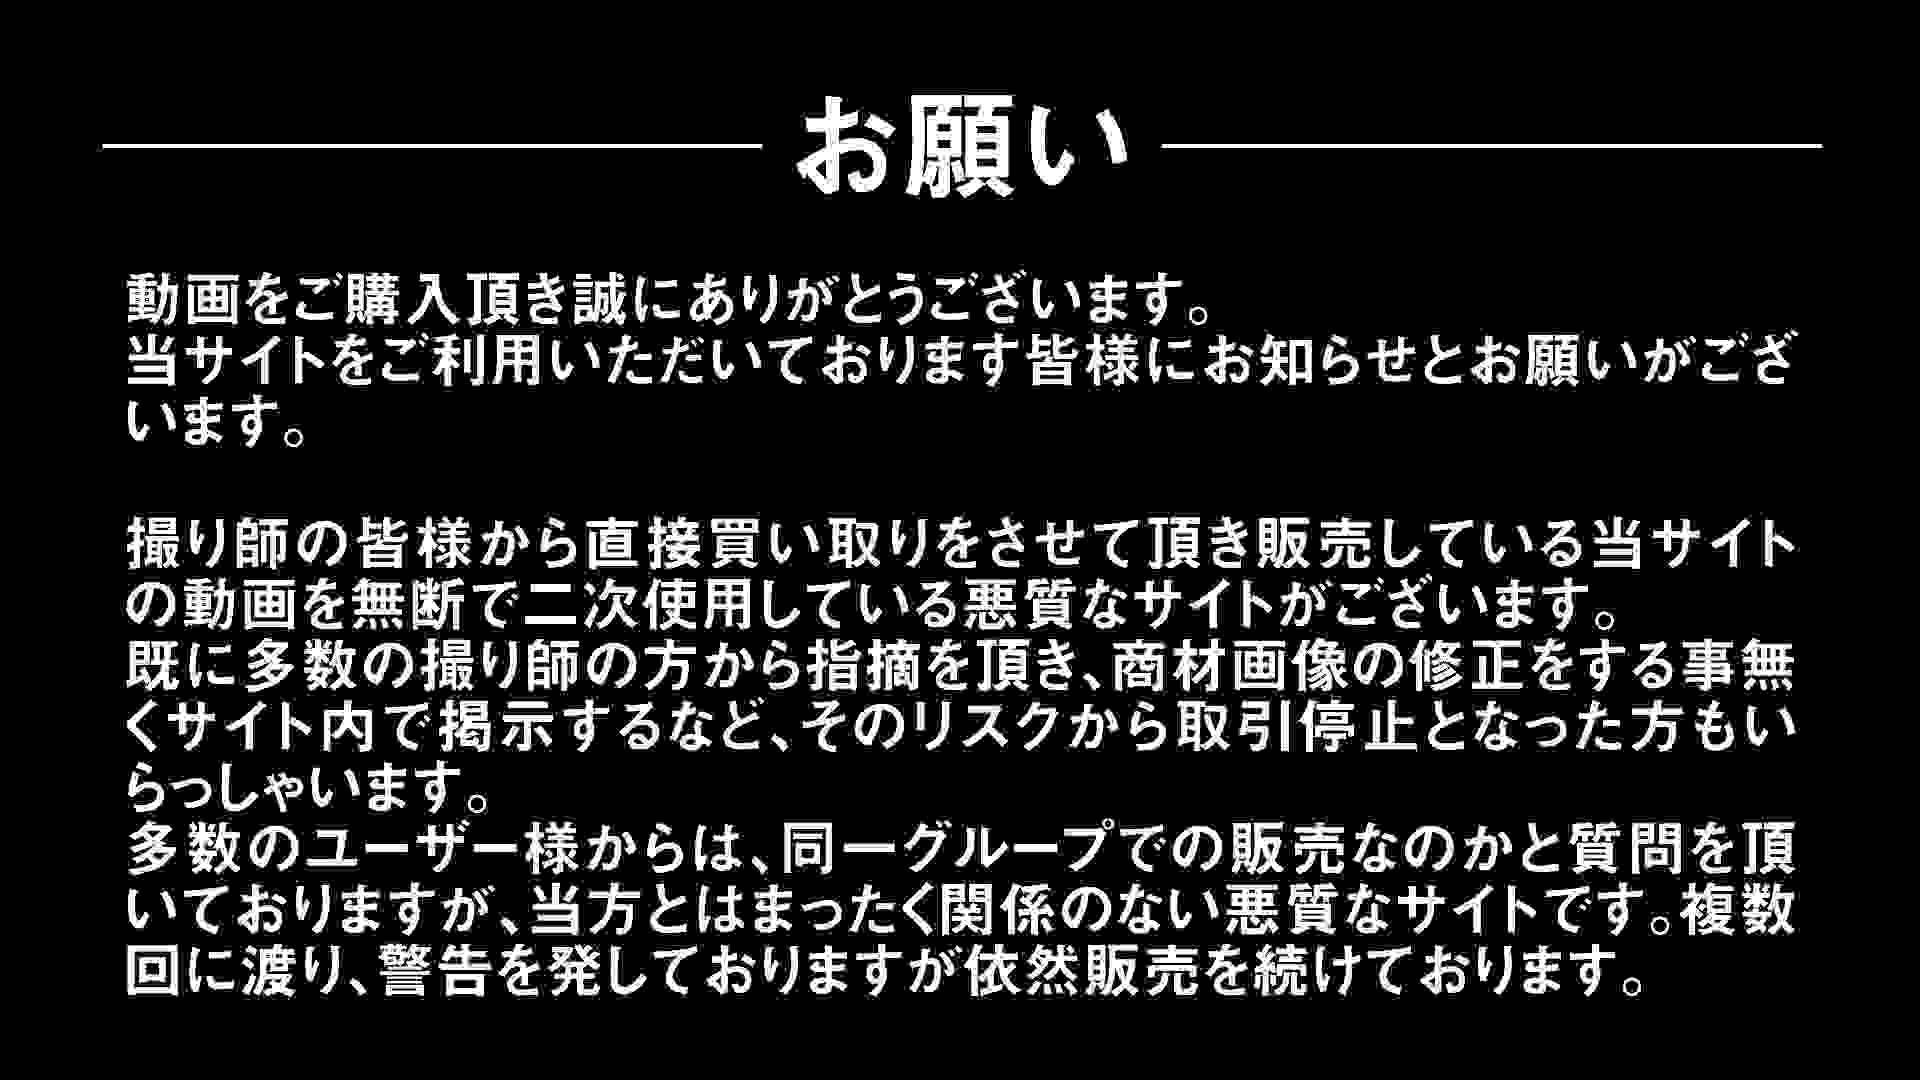 Aquaな露天風呂Vol.298 露天風呂 | 盗撮動画  10枚 1